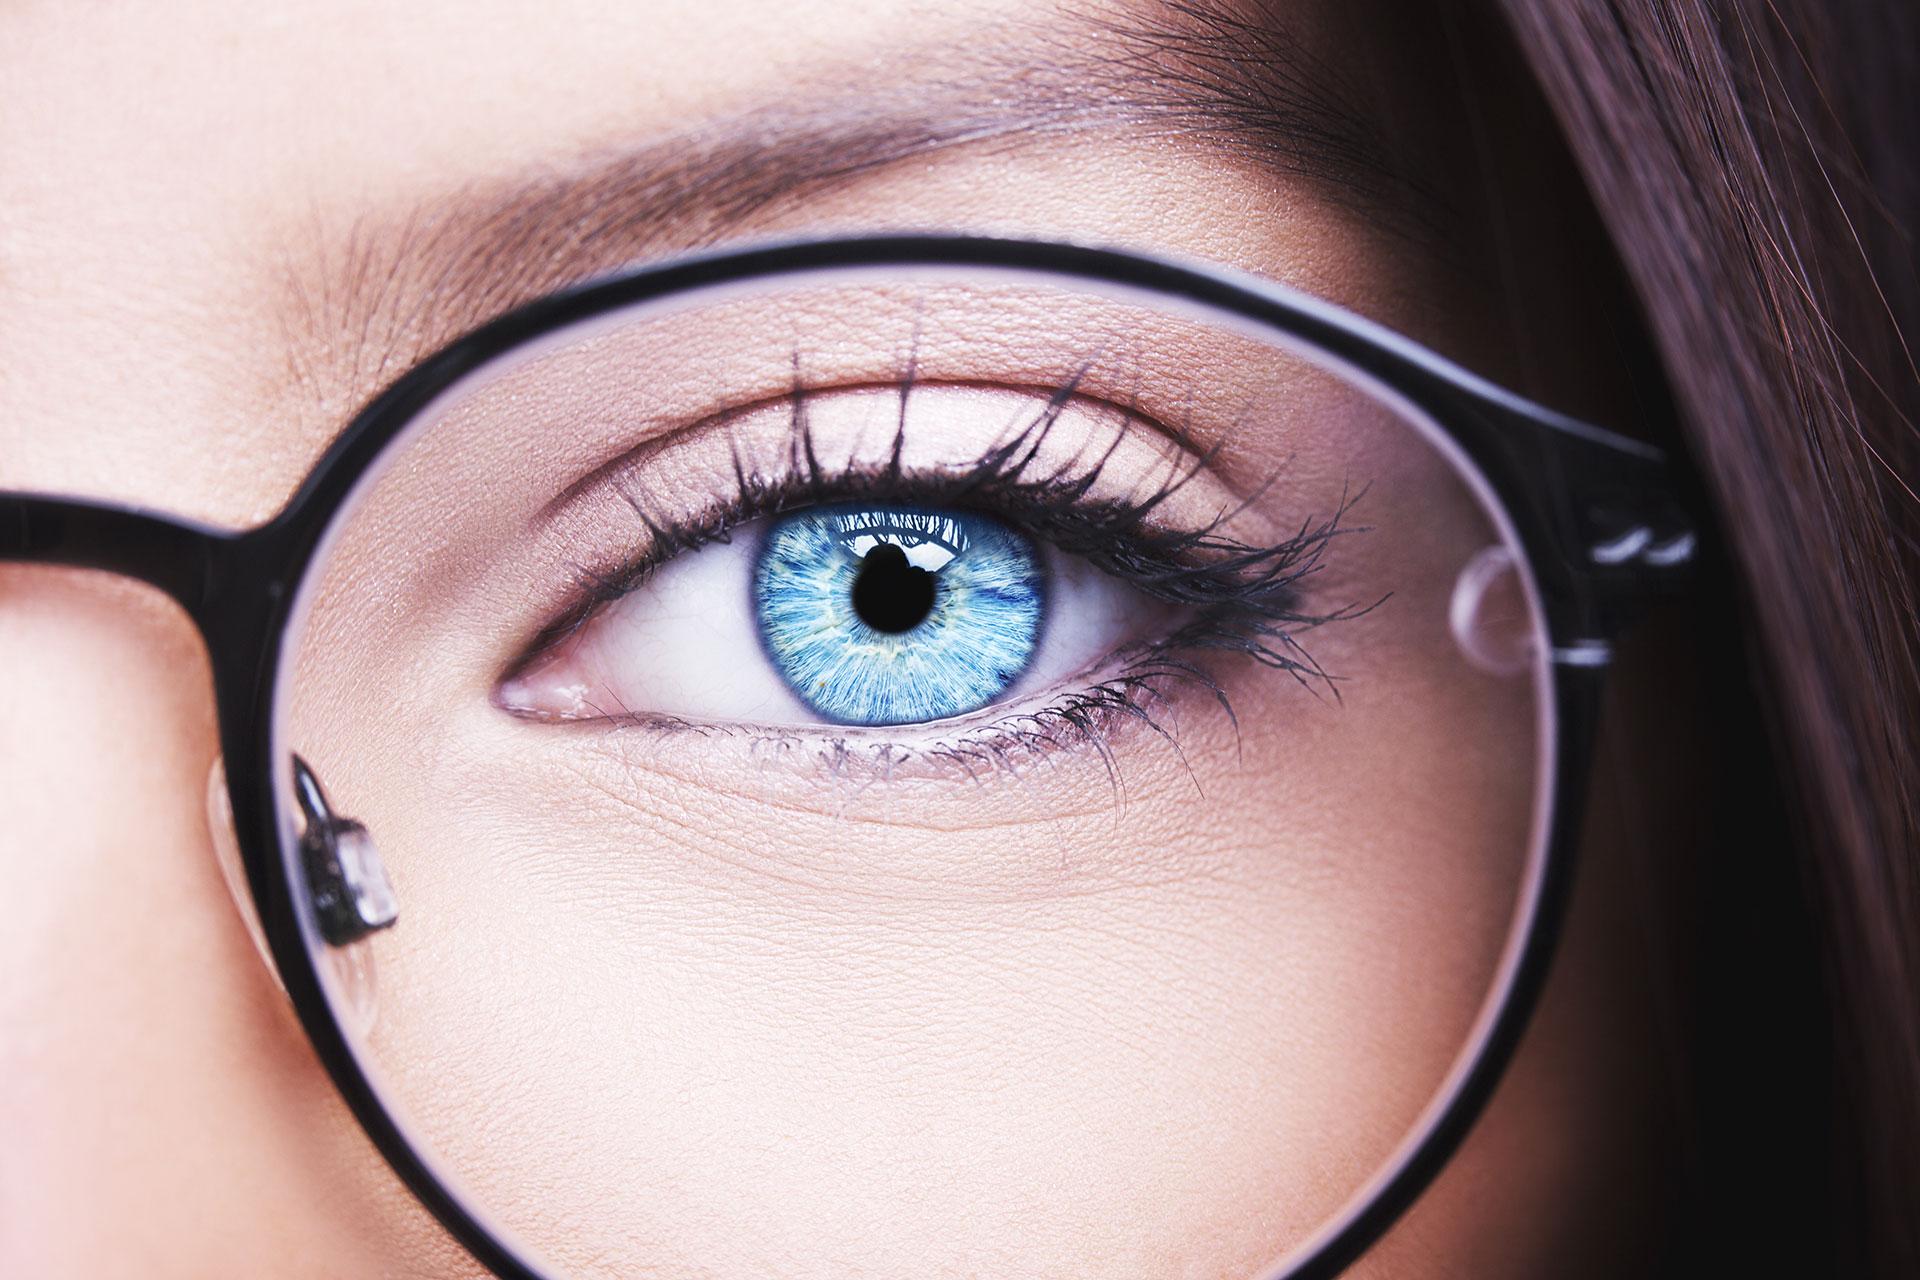 แสงสีฟ้าคืออะไร ทำไมจึงอันตรายกับดวงตา